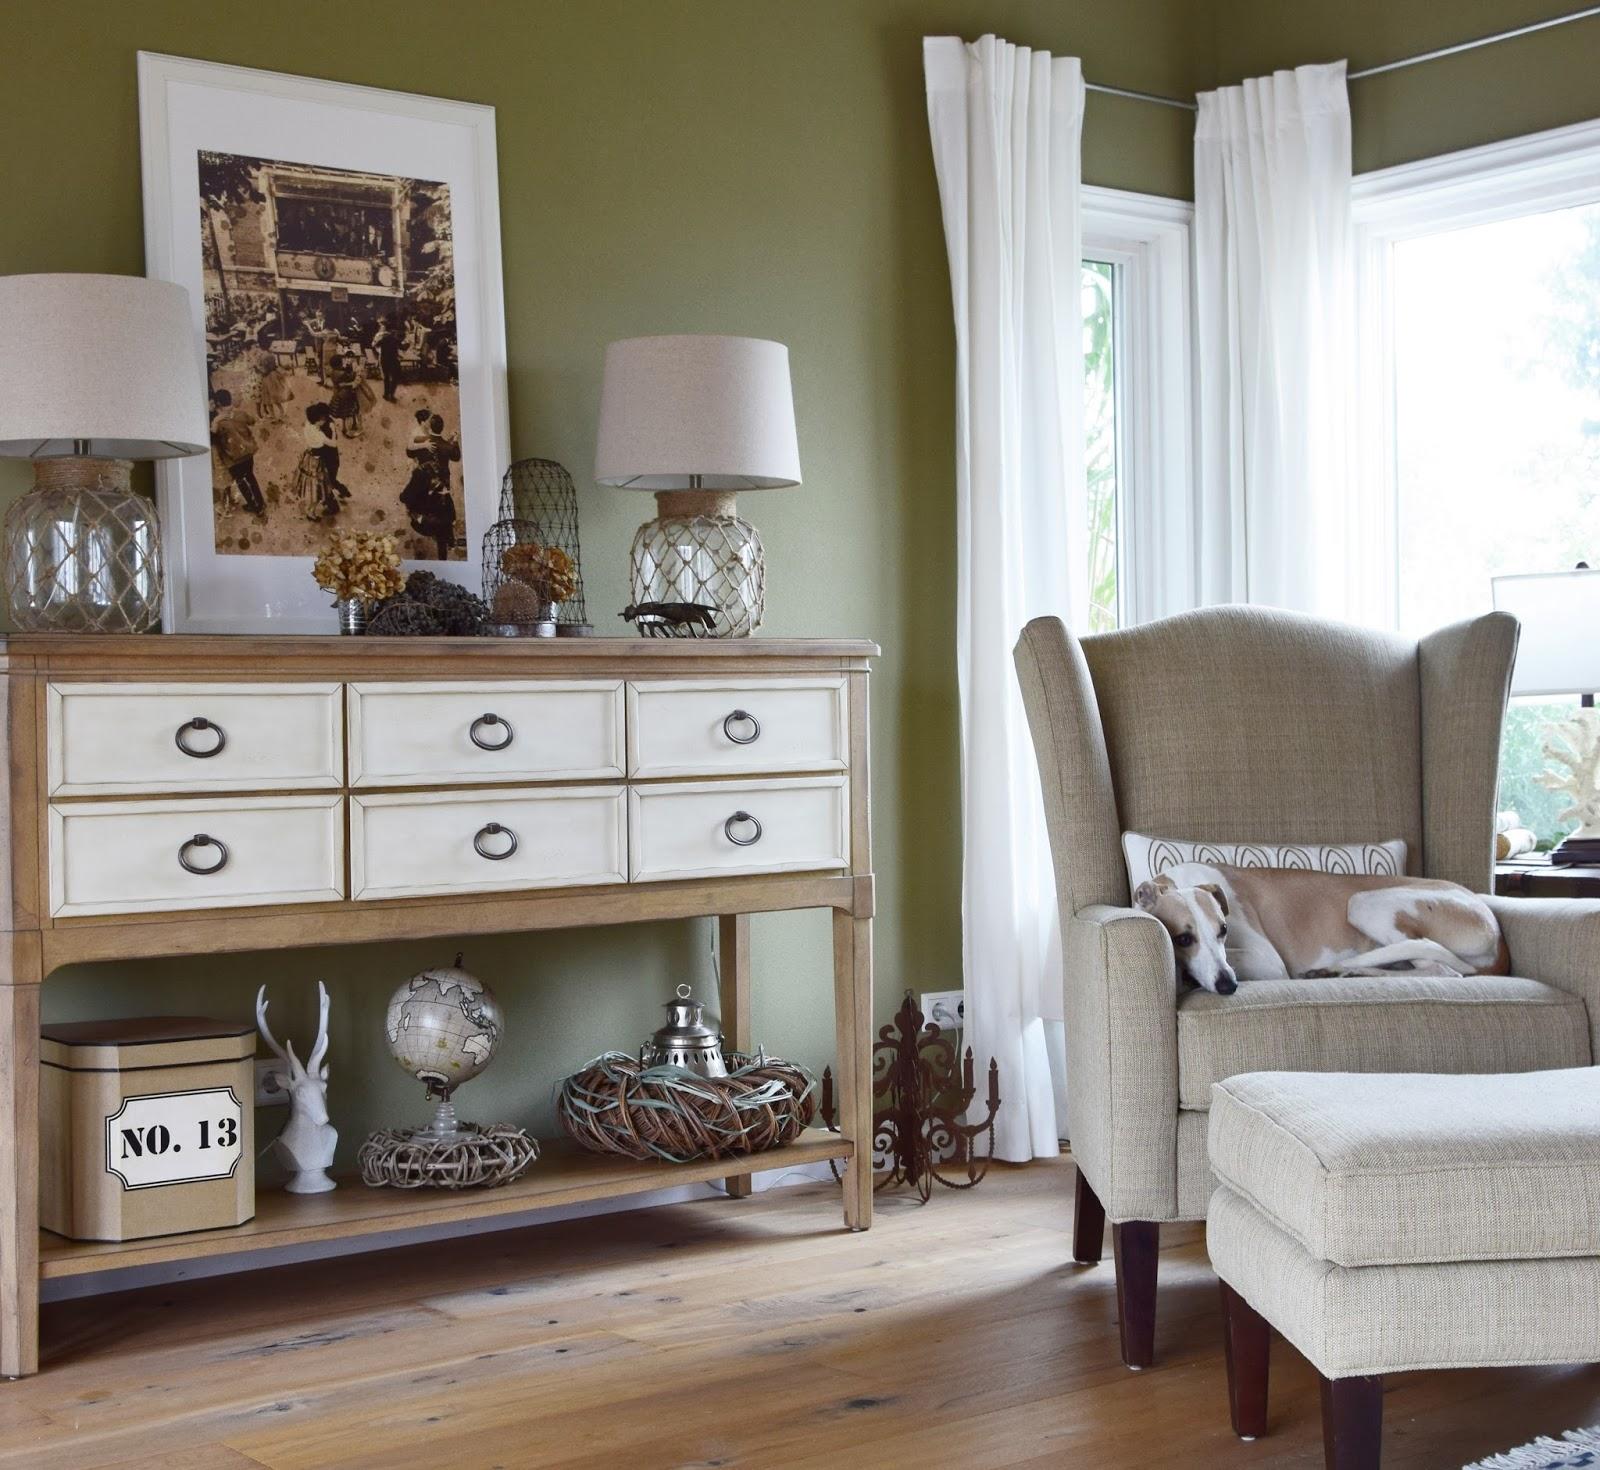 Mein Wohnzimmer Teil 2 ... neu gestaltet: Highboard + Sideboard